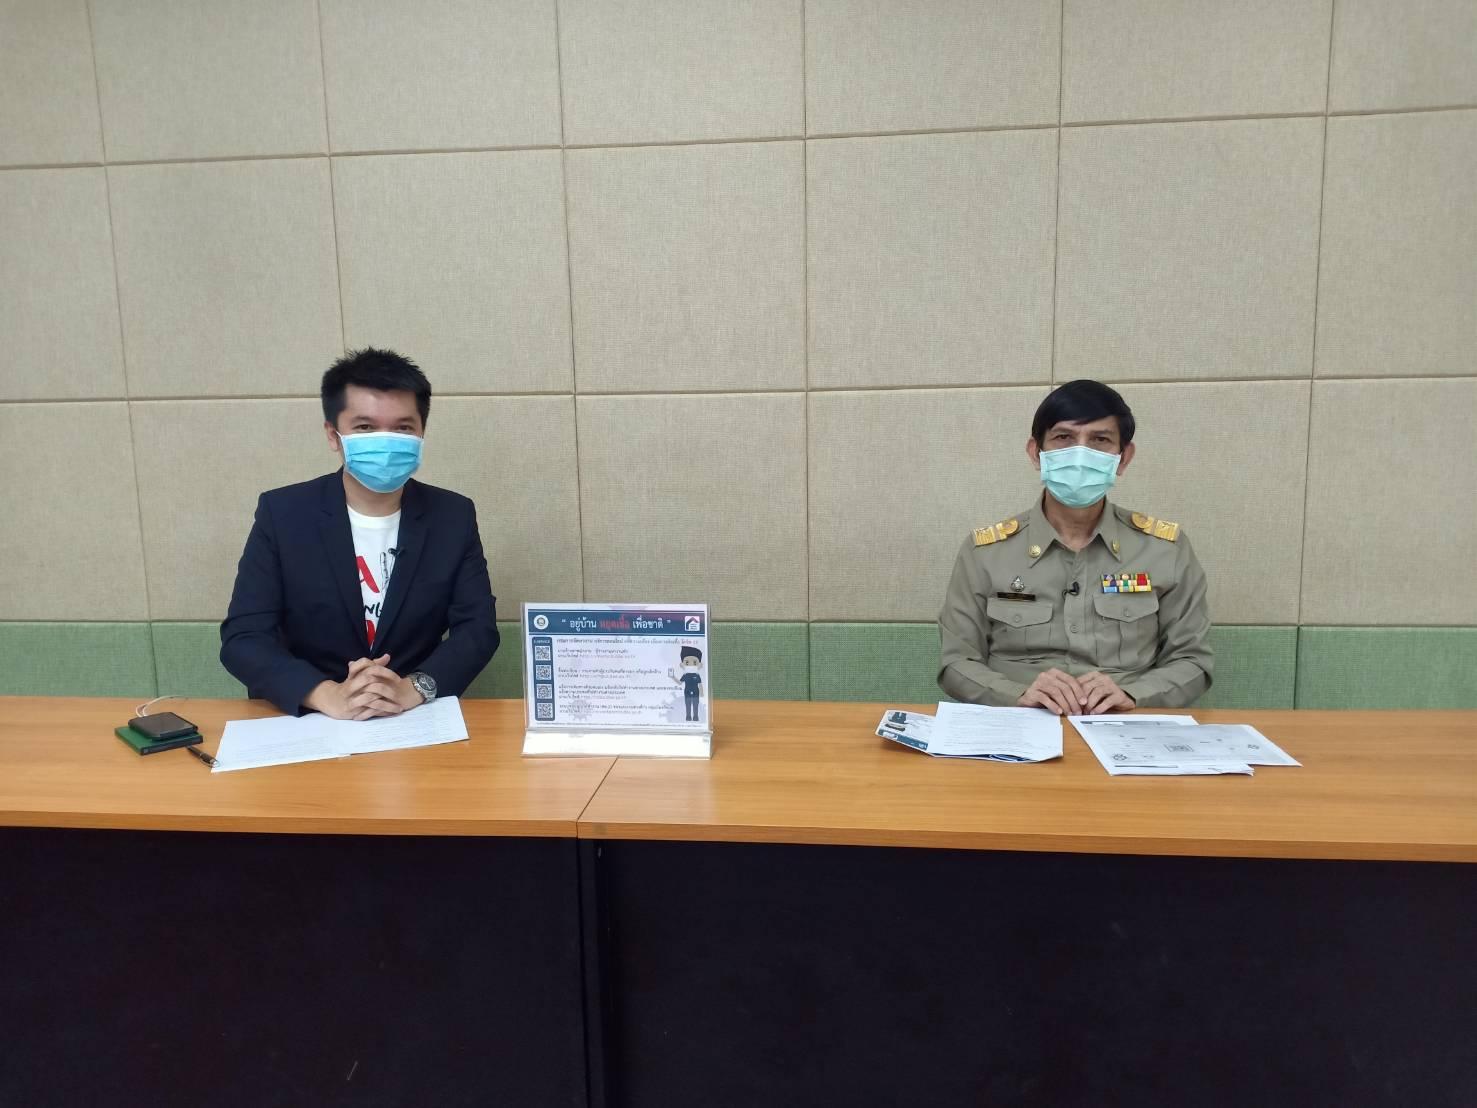 จัดหางานเชียงใหม่ ร่วมให้สัมภาษณ์สด  ใน Facebook Live : Facebook fanpage Save Chiangmai